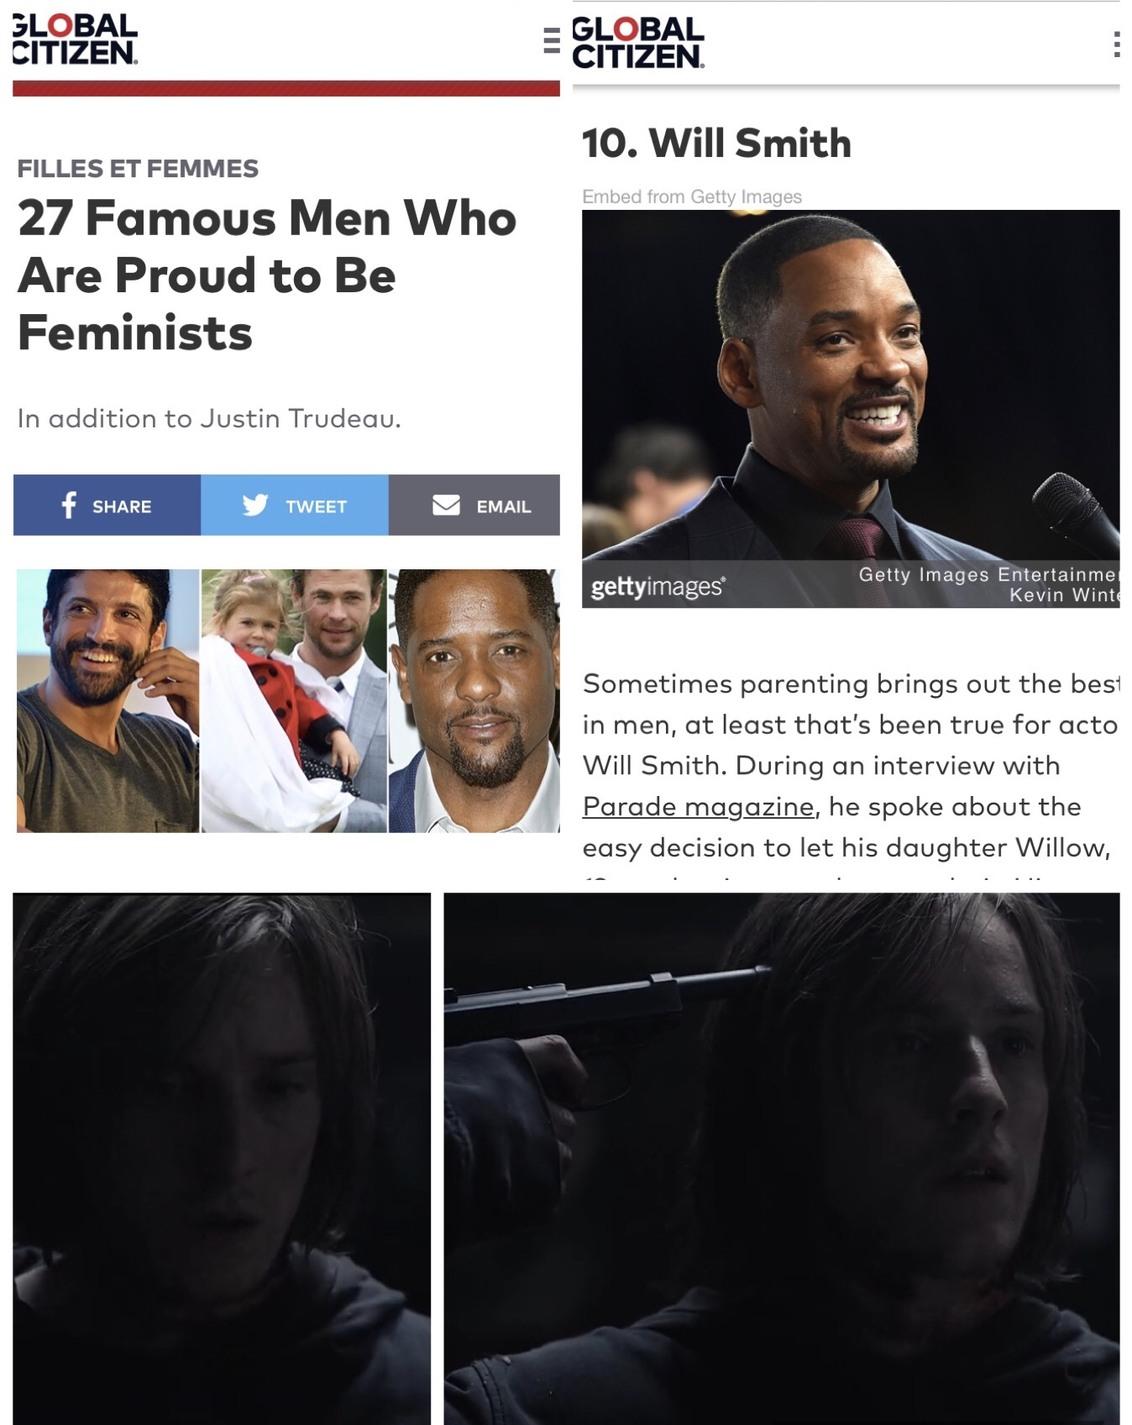 O lado merda da força - meme